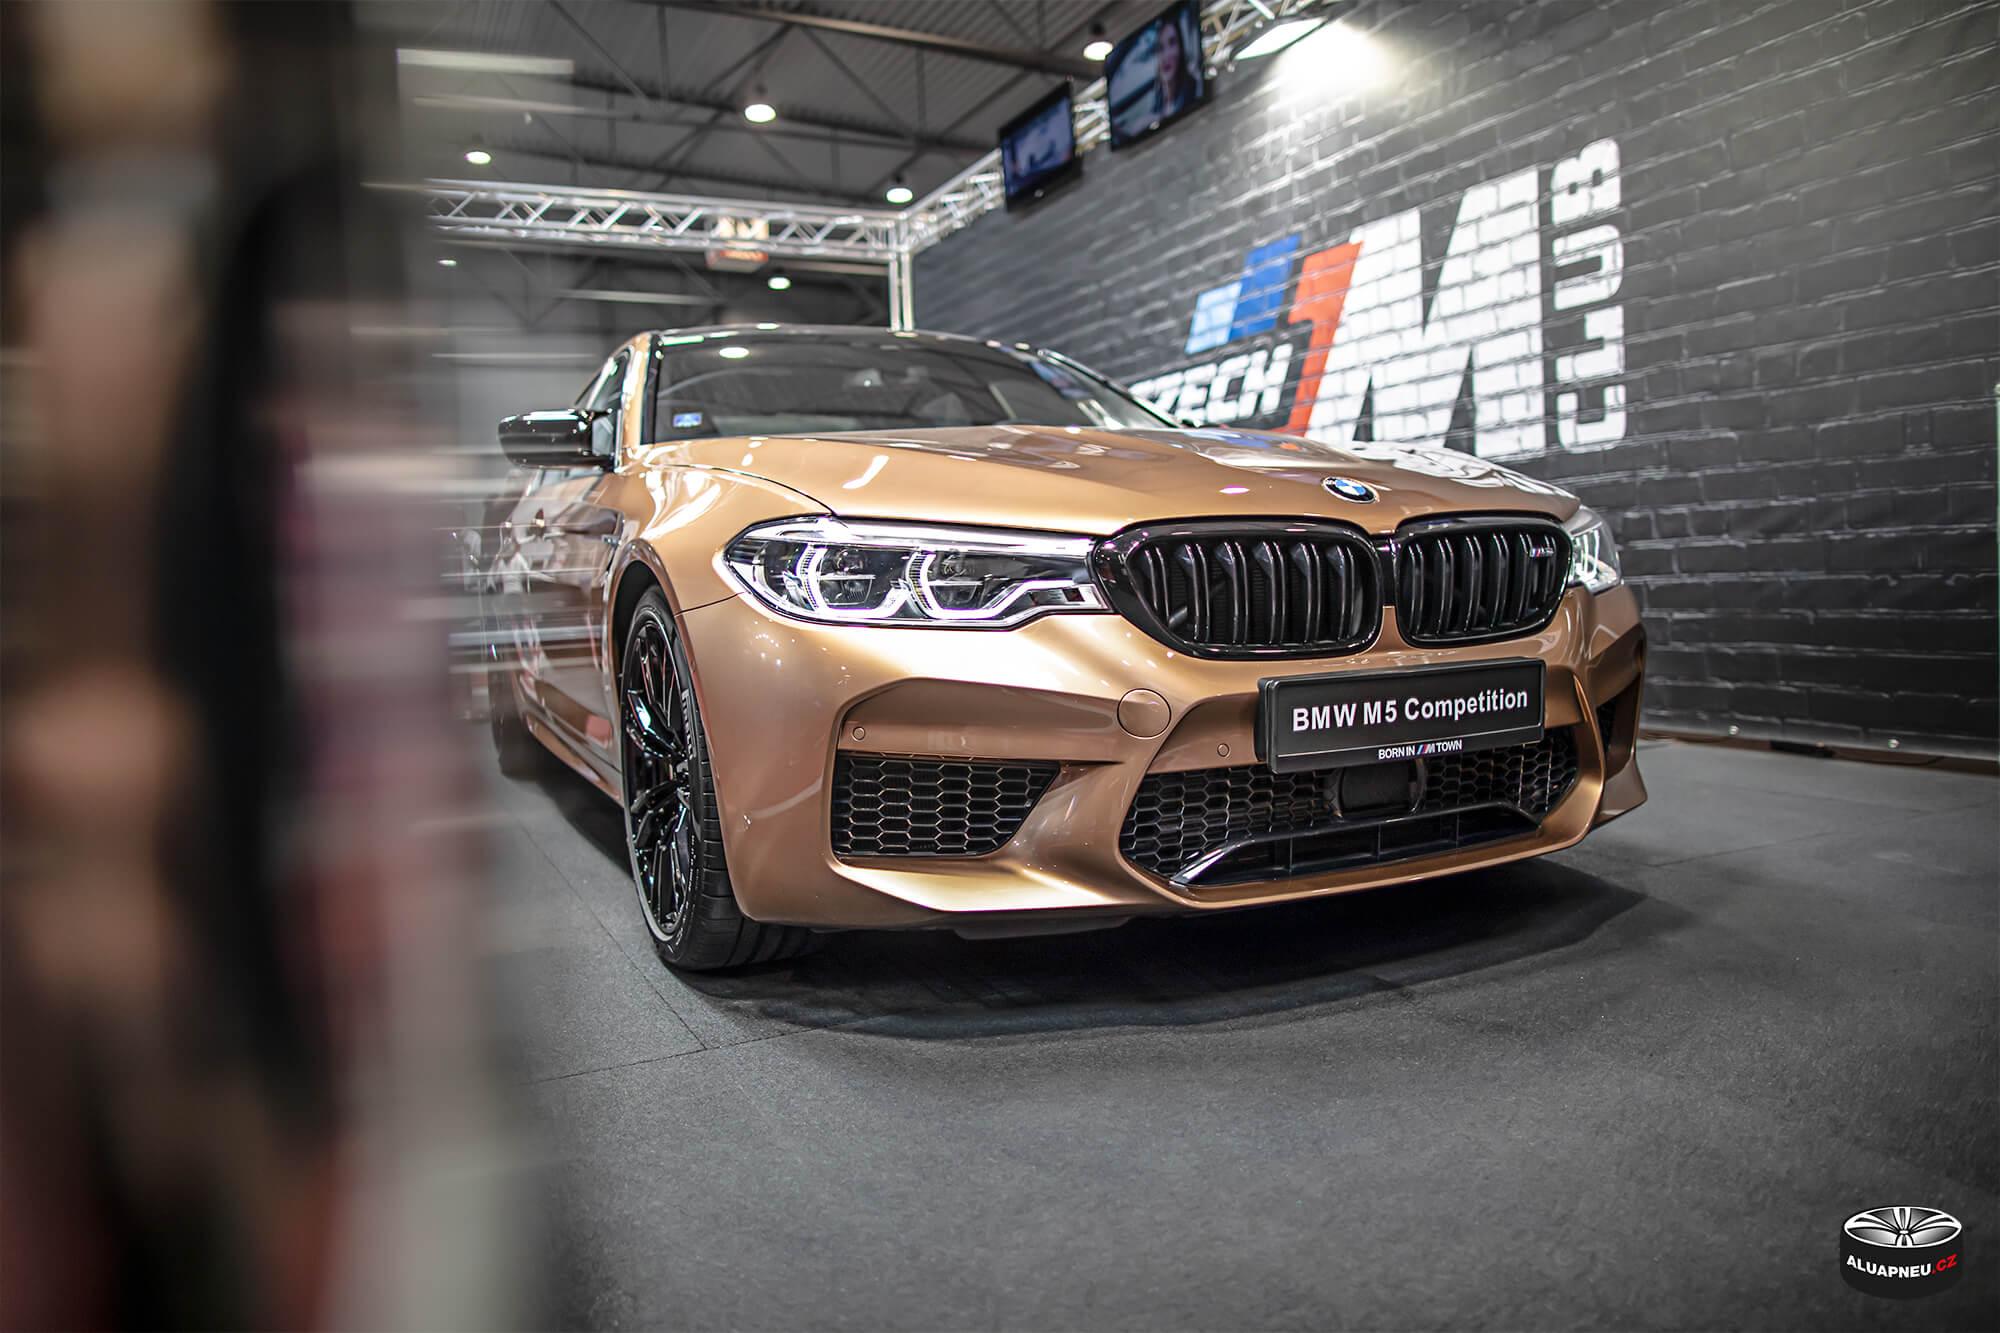 Bmw M5 - černá alu kola Bmw - Autosalon Praha 2019 - www.aluapneu.cz